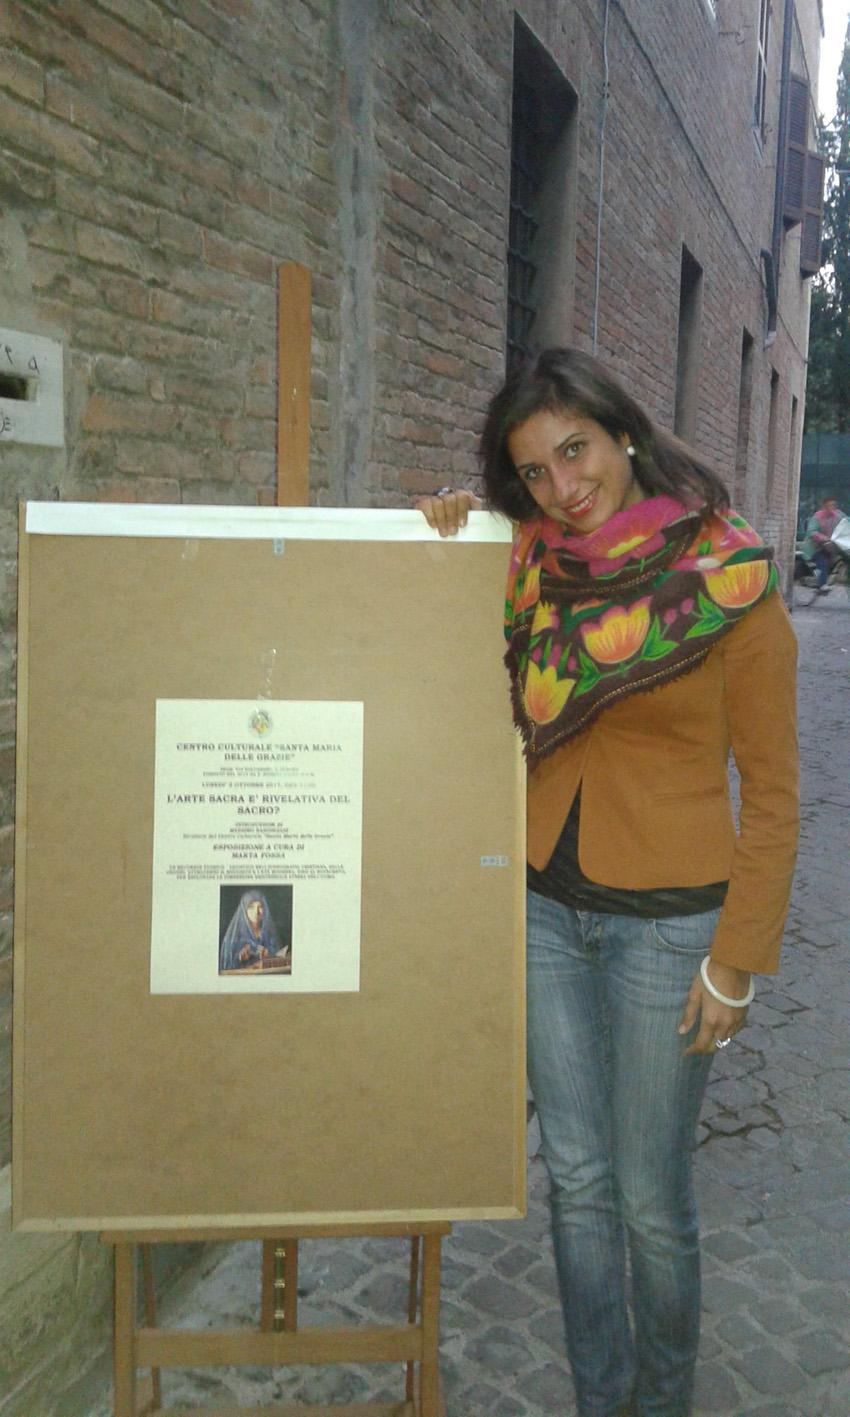 Una grande lezione di Marta Fossa sull'arte del sacro al Centro culturale Santa Maria delle Grazie di Pesaro